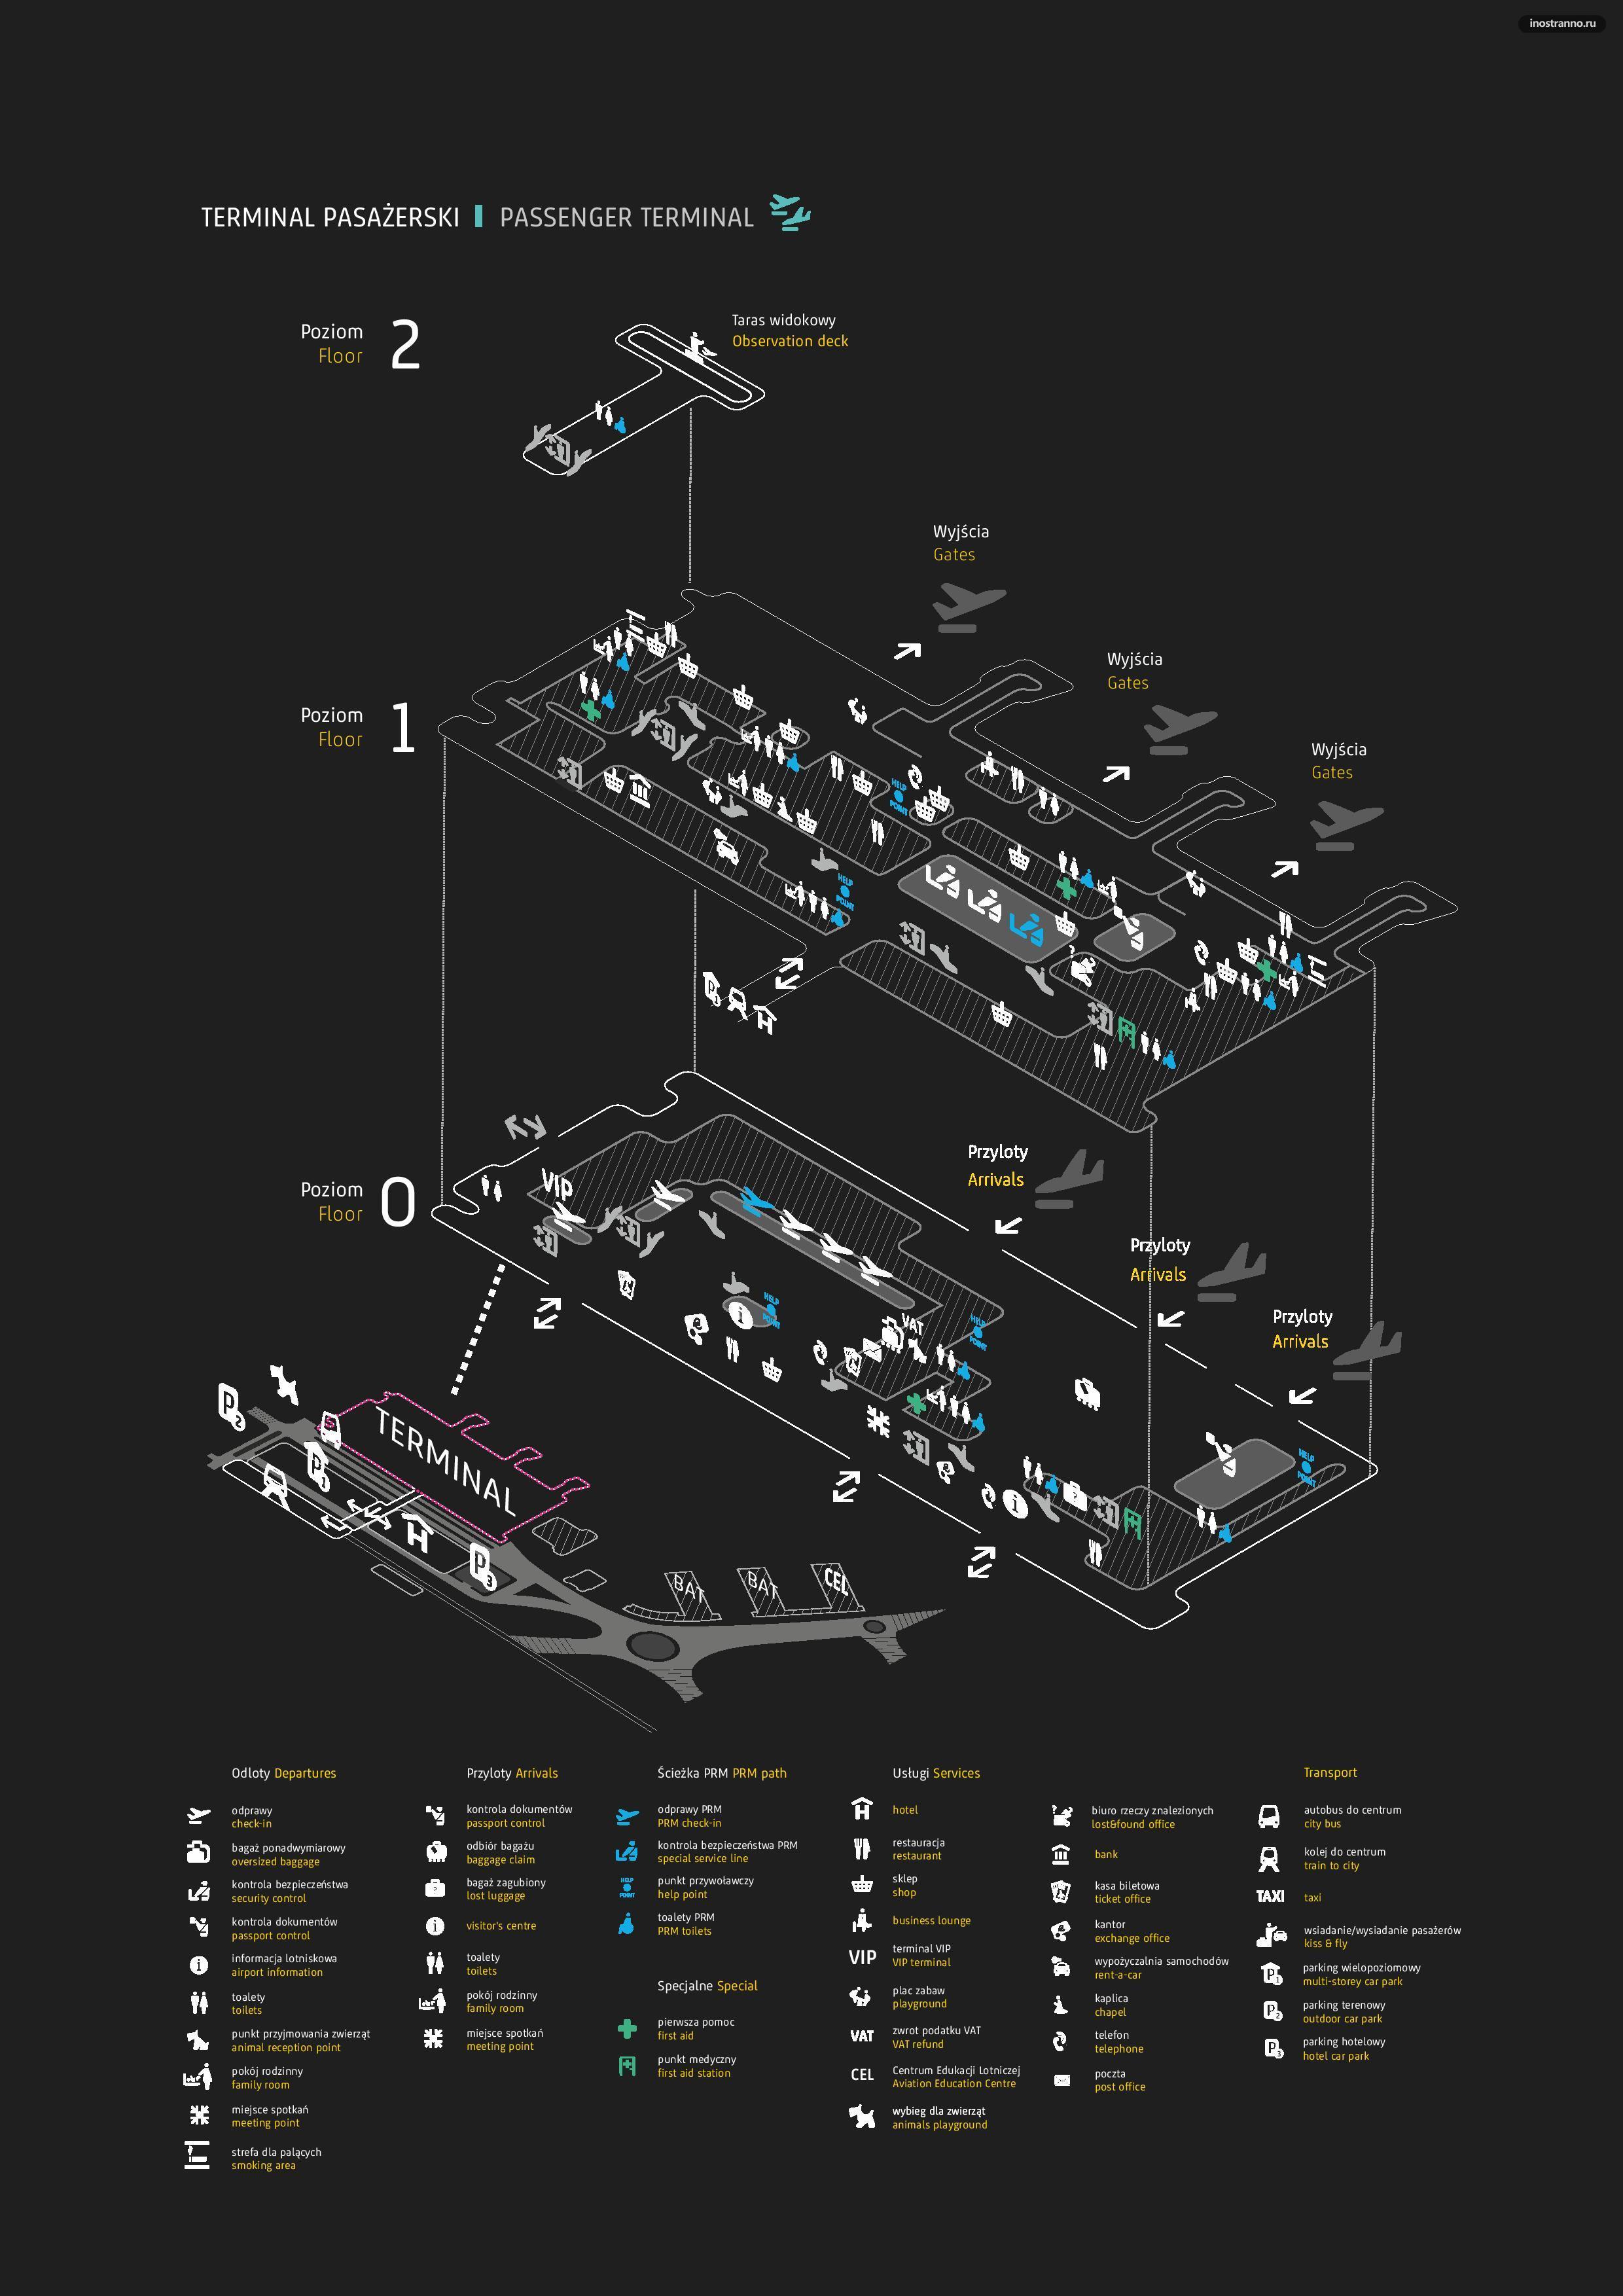 Аэропорт Кракова карта терминалов